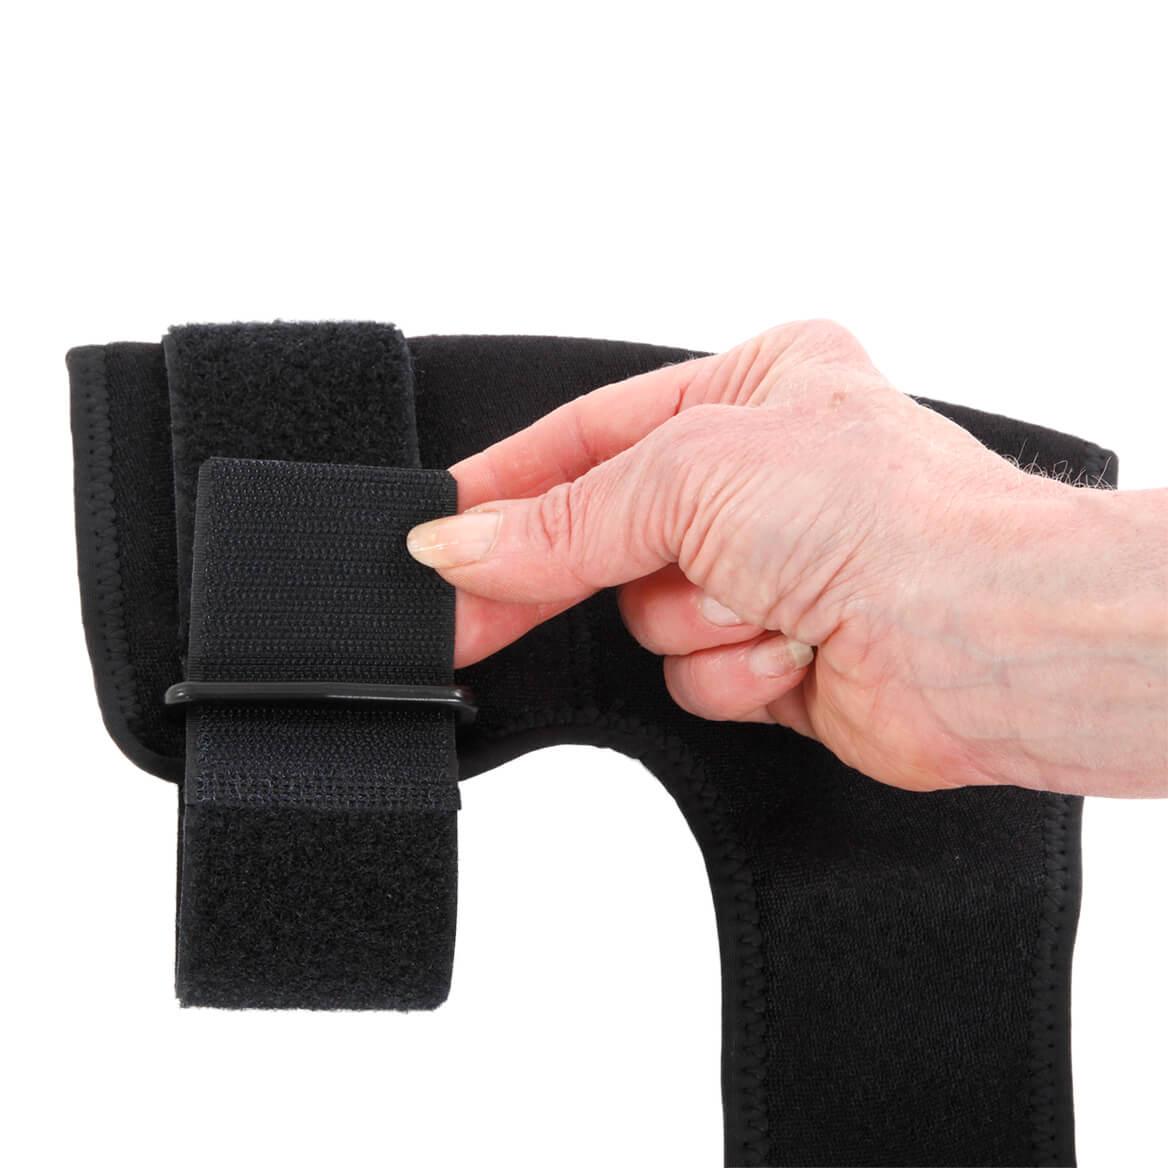 Wrap Around Elbow Support-369847